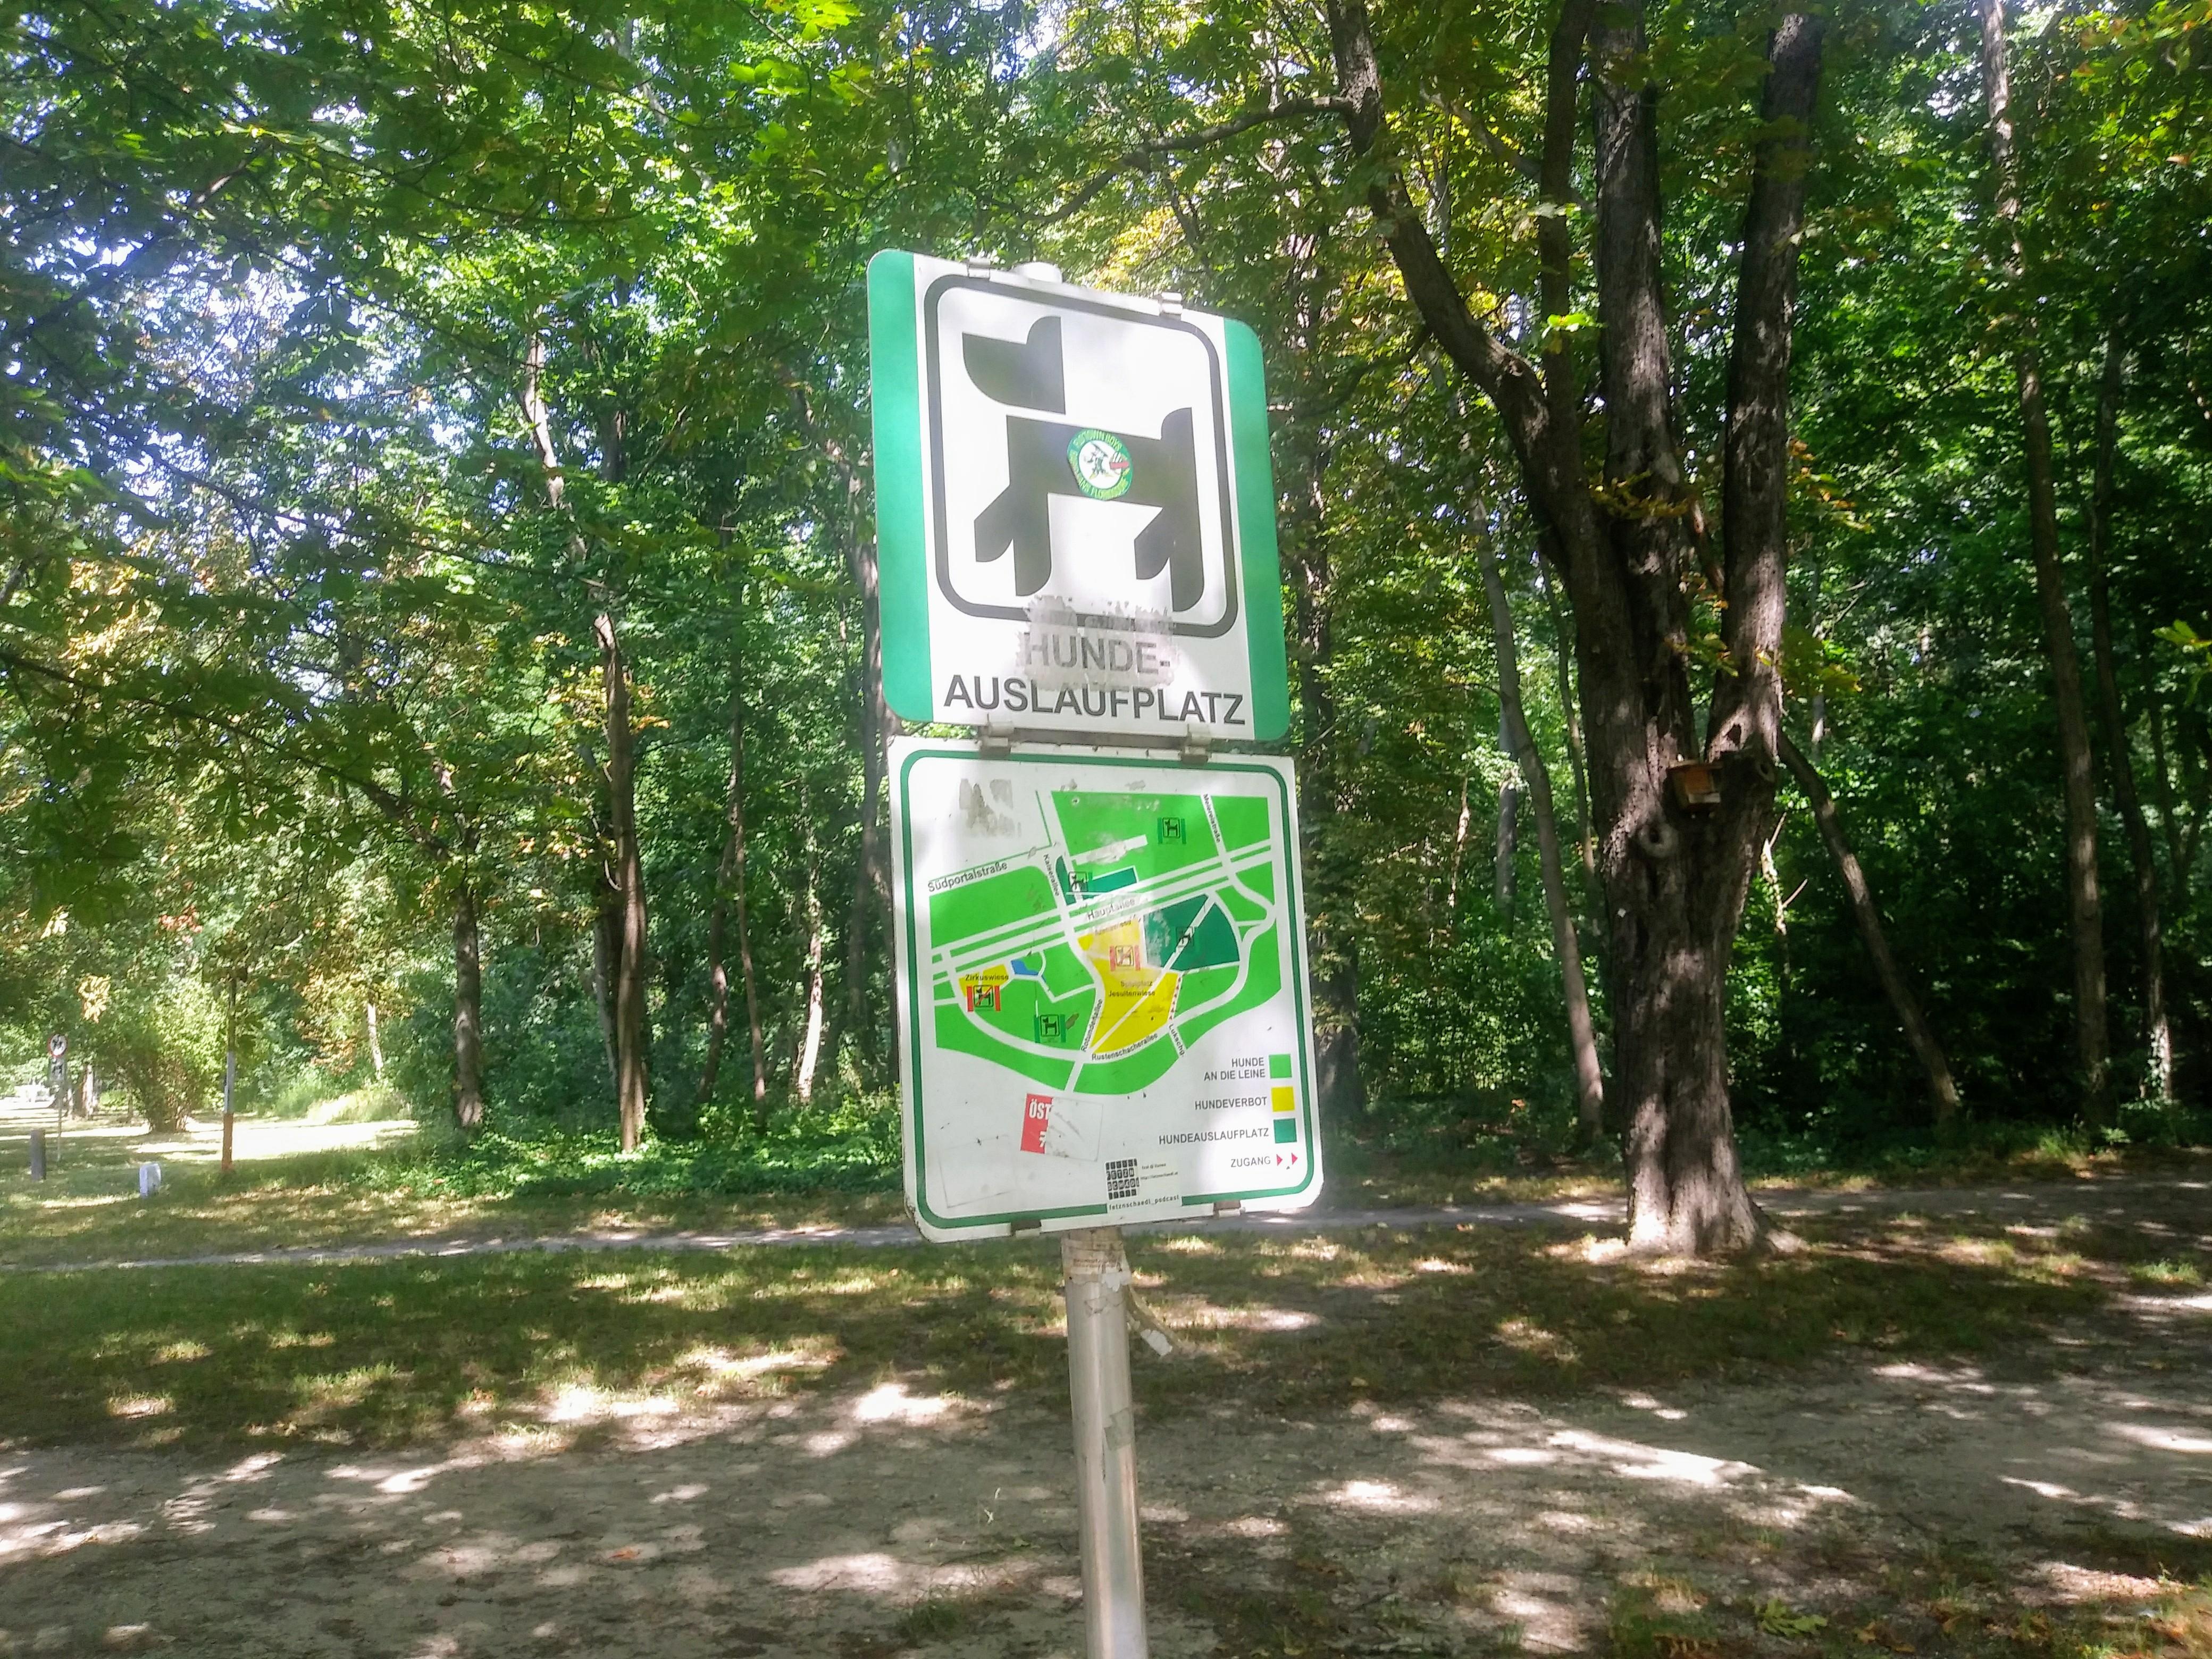 Dieses Schild markiert den Beginn der vierbeinigen Glückseligkeit: Die größte Freilaufzone für Hunde in Wien